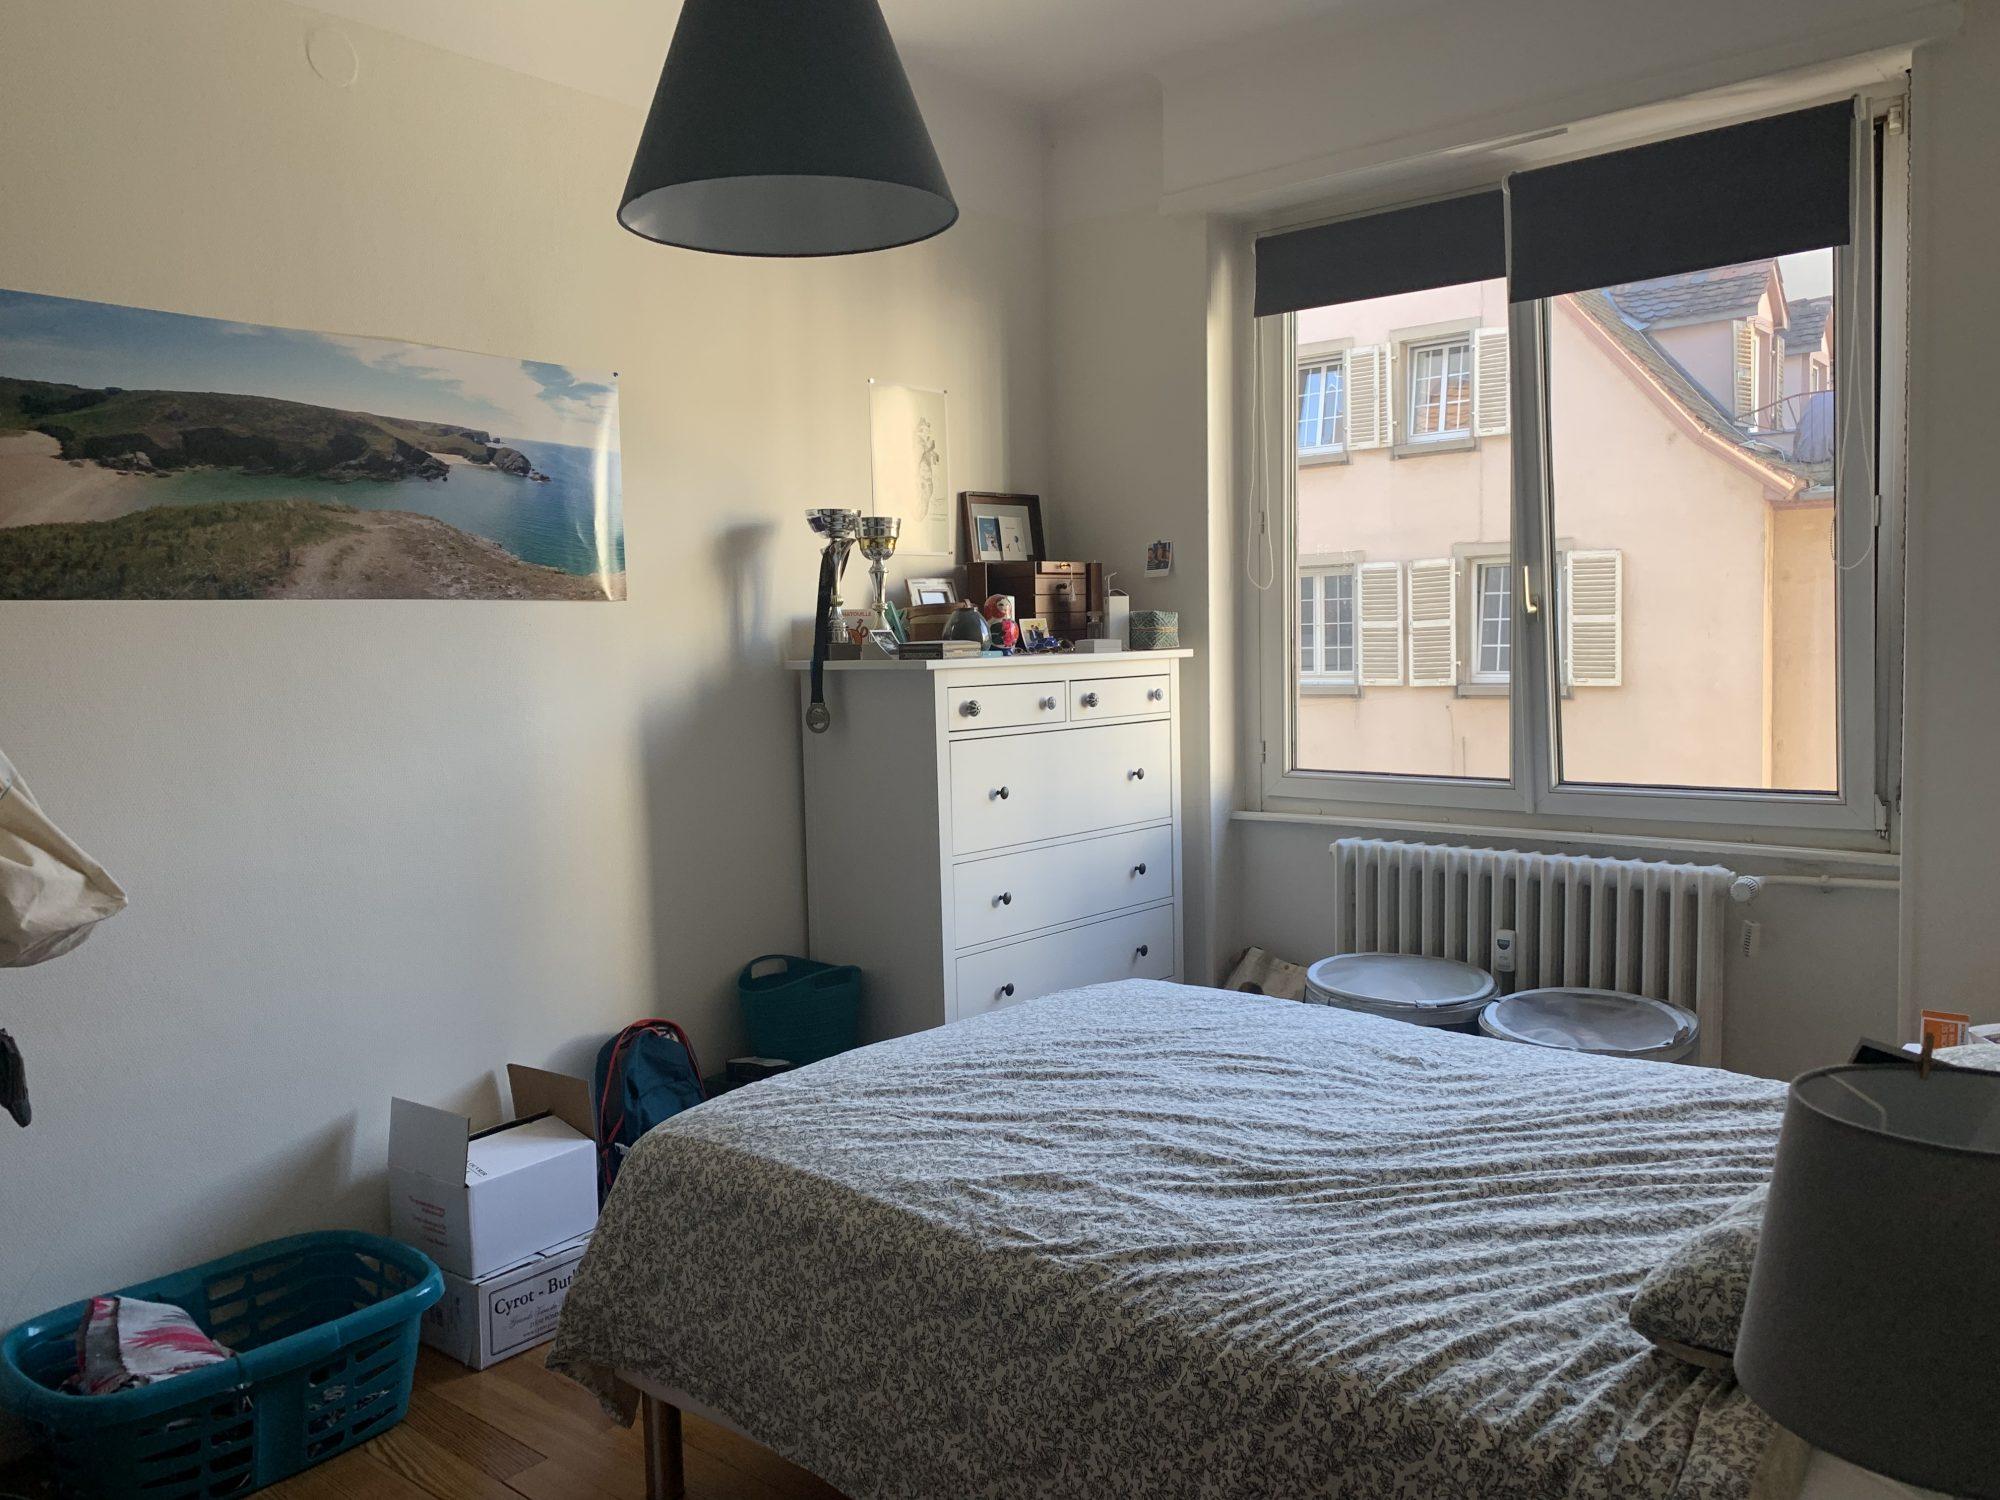 Appartement à louer Strasbourg - Devenez locataire en toute sérénité - Bintz Immobilier - 4